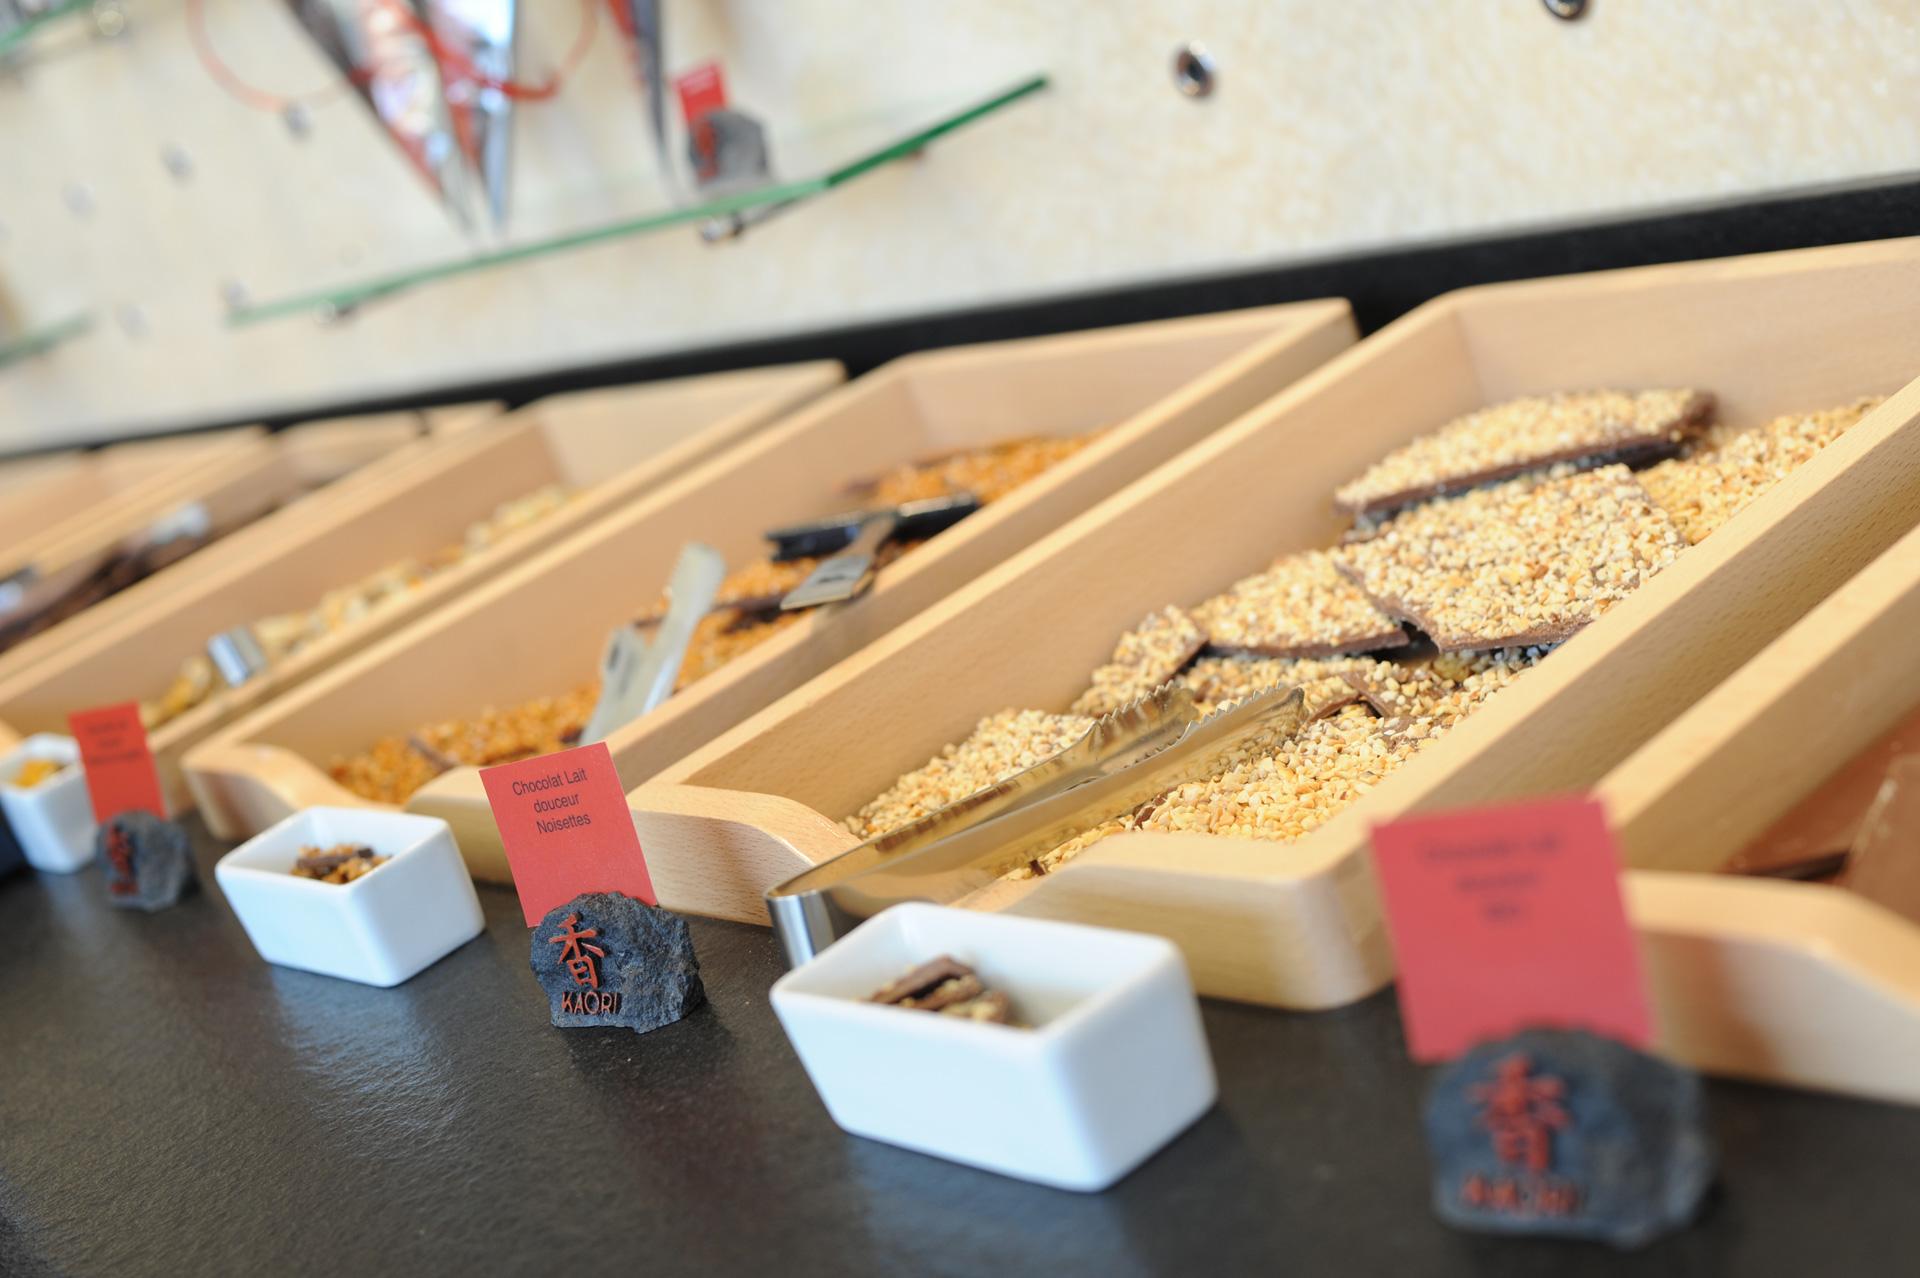 L'institut de l'Excellence Culinaire : cours de cuisine, grastronomie, boutique